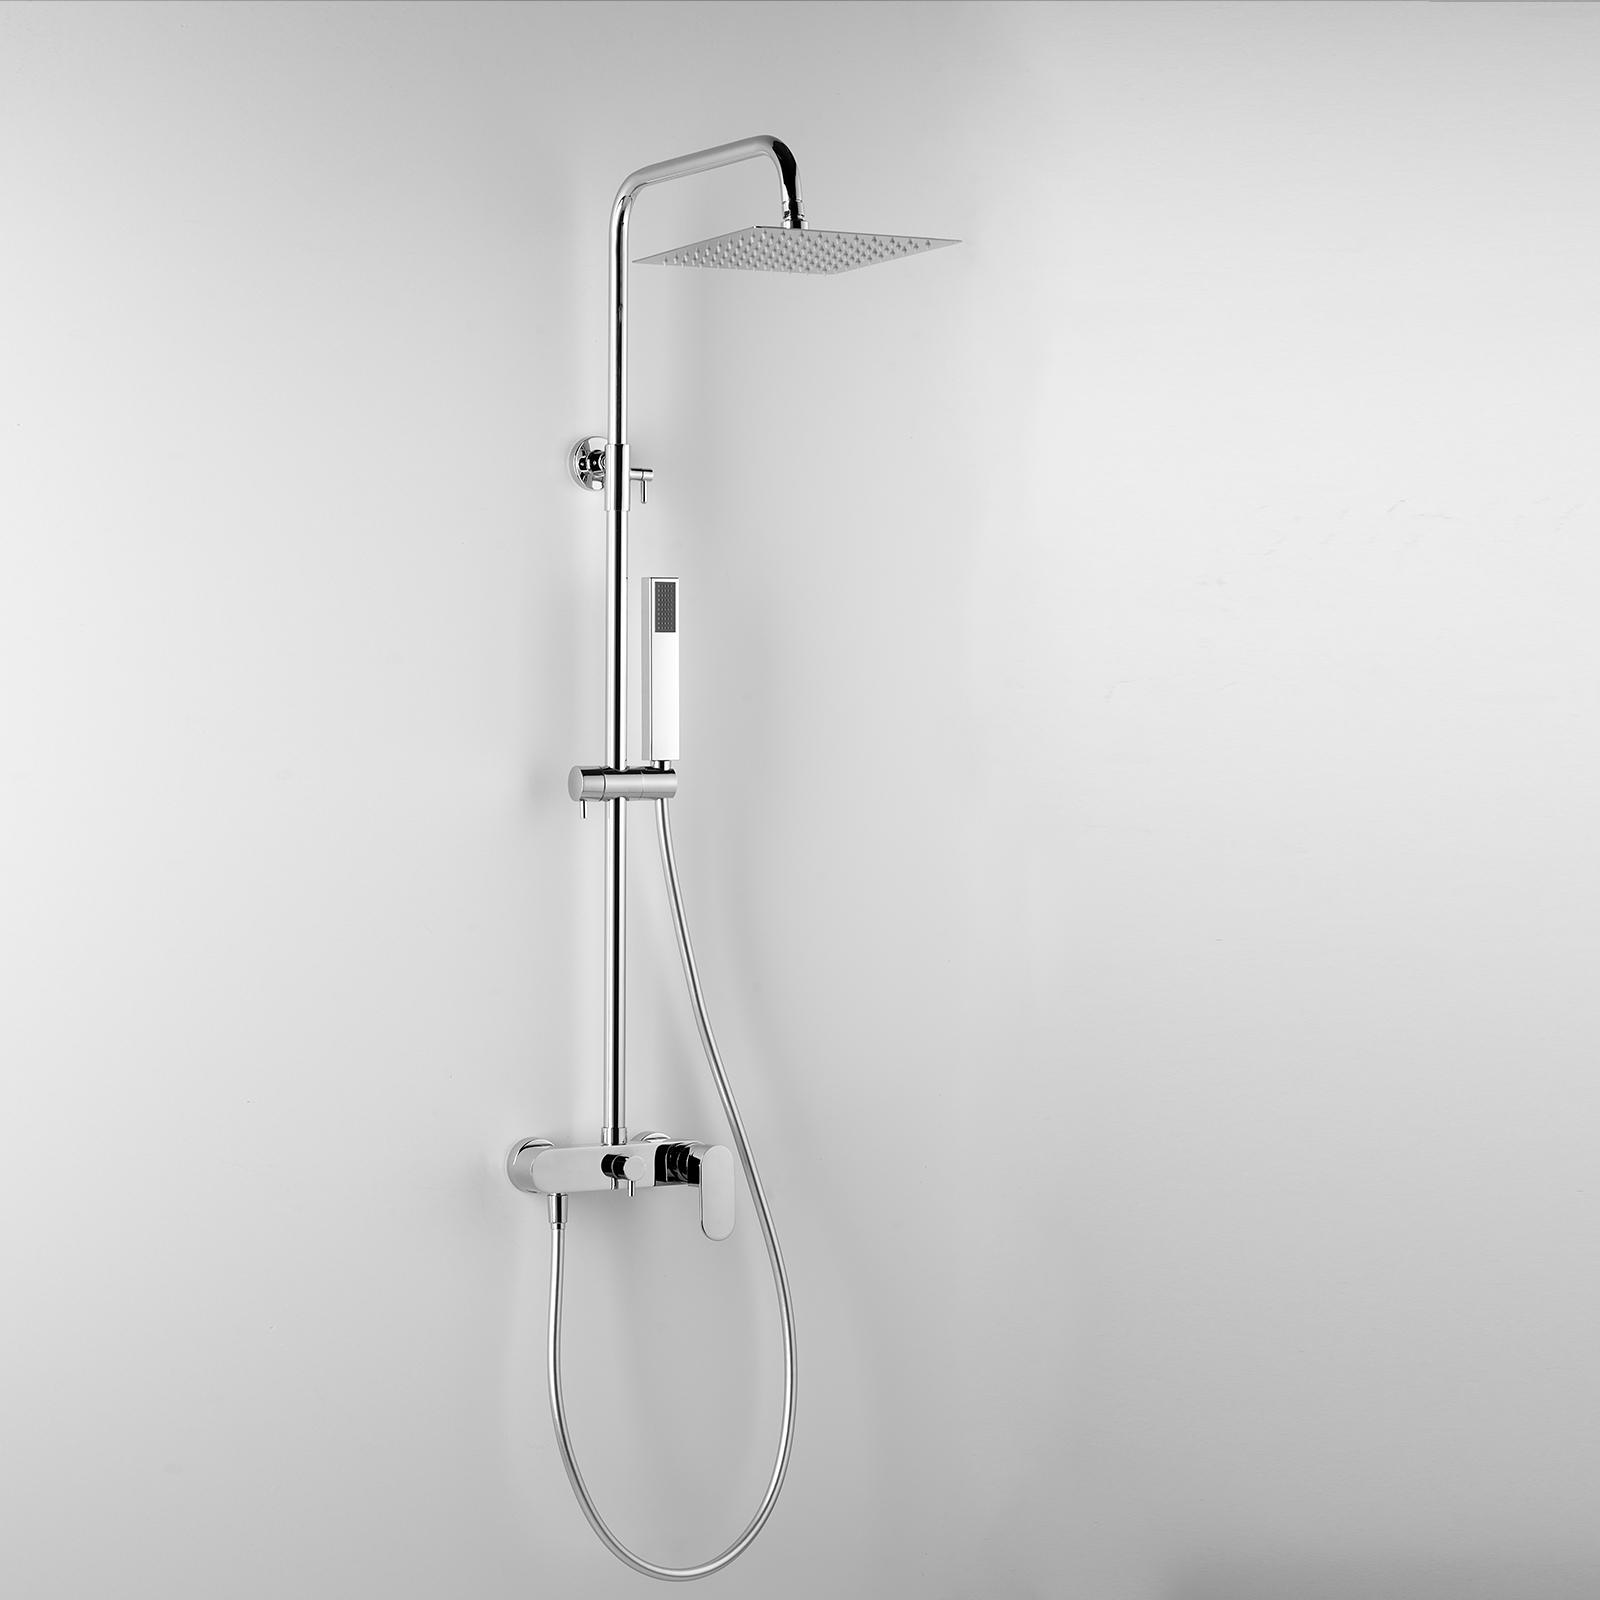 Colonna Doccia Tonda ARES Argo con soffione quadrato 25x25 cm miscelatore con deviatore incorporato